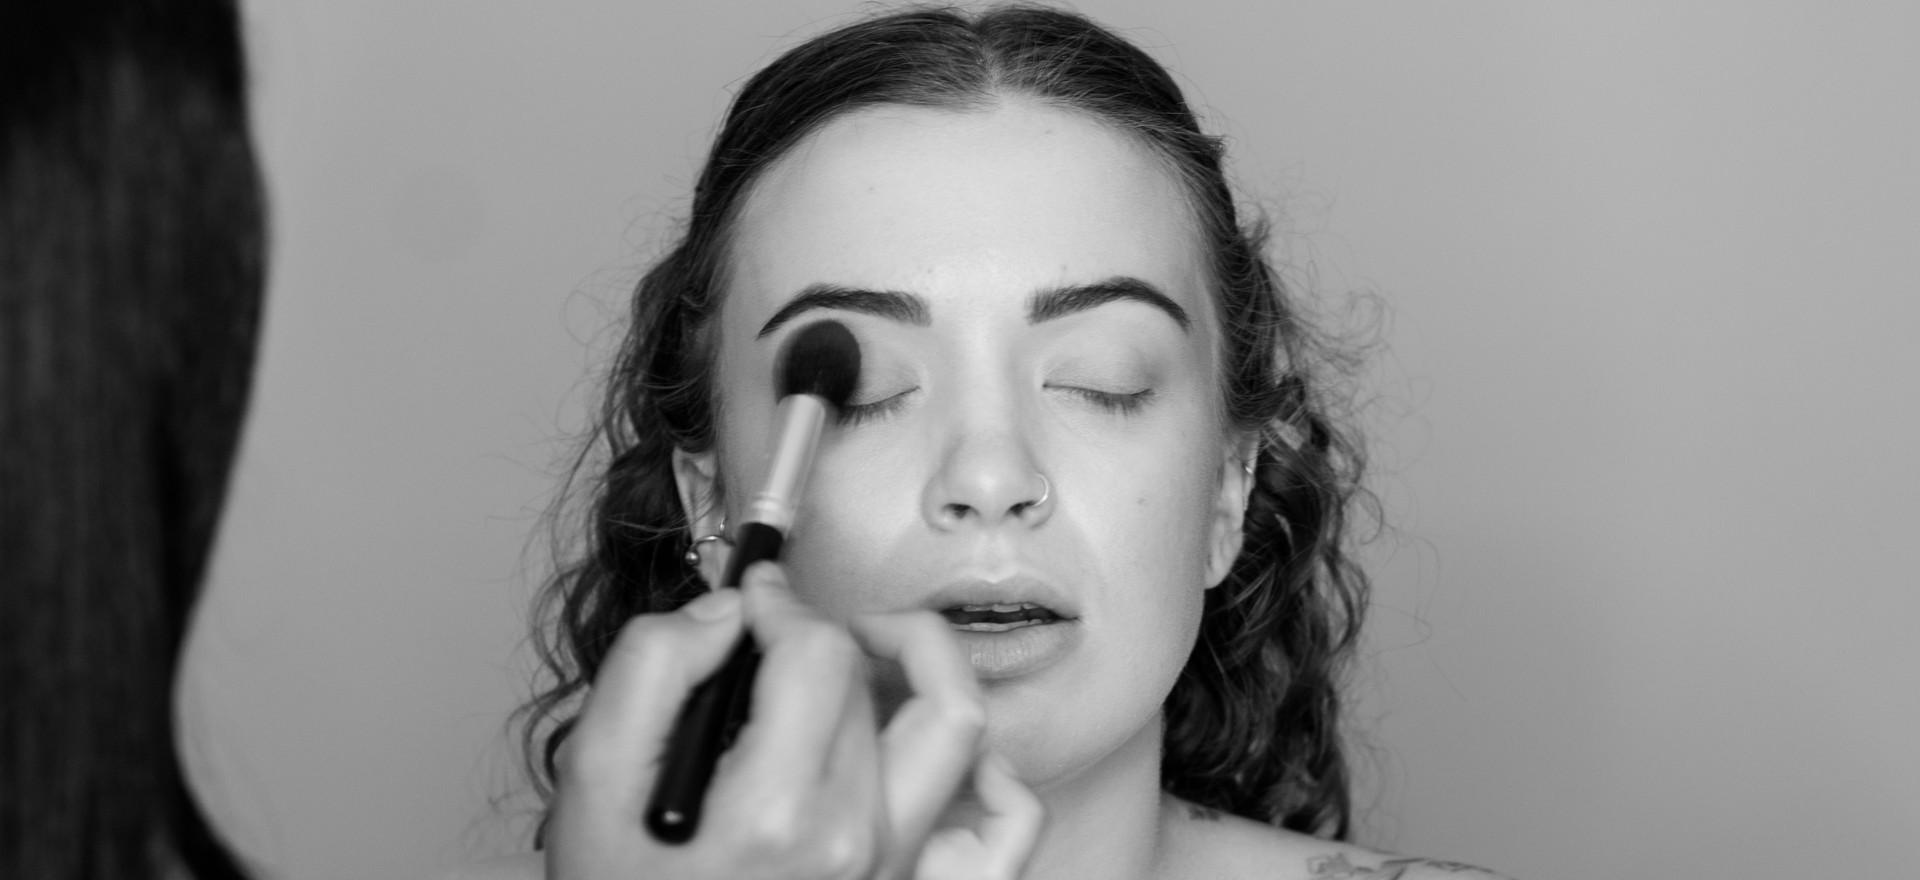 Makeup-Editorial-7237.JPG